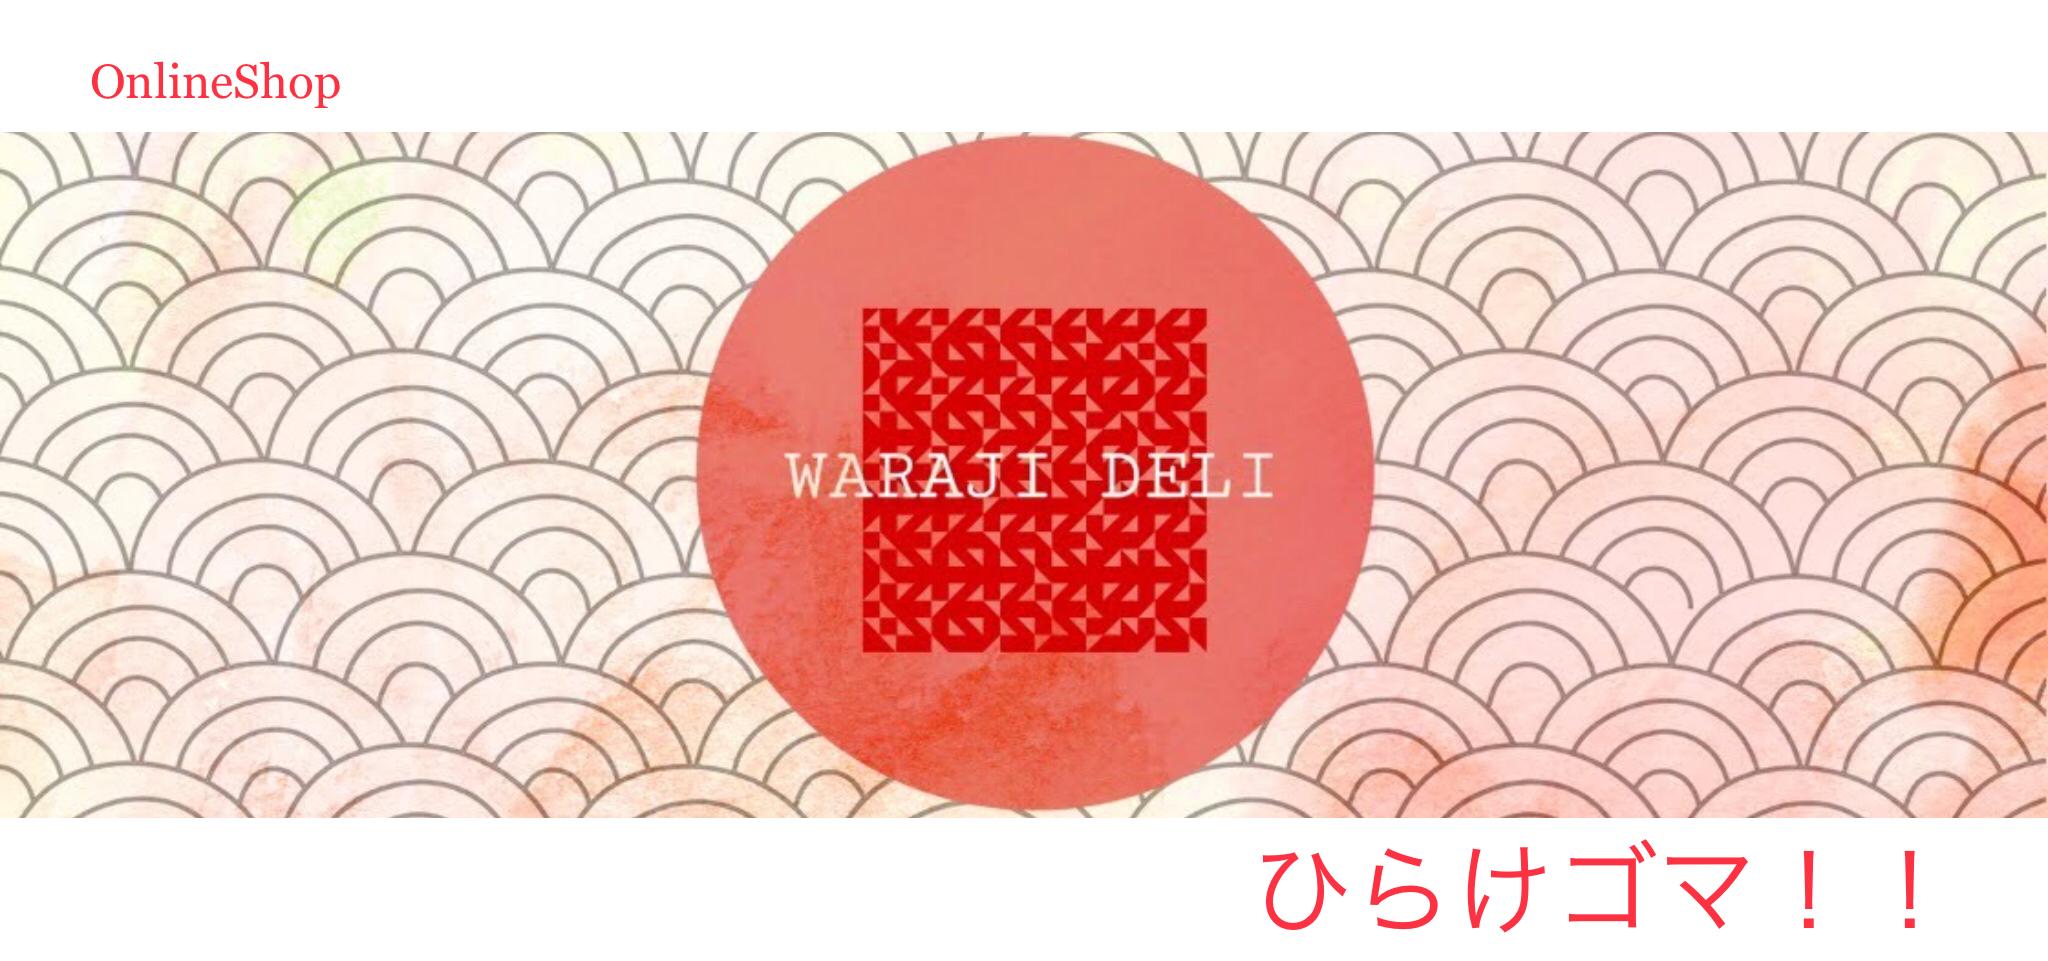 WARAJI DELI オンラインショップ ~ひらけゴマ!~